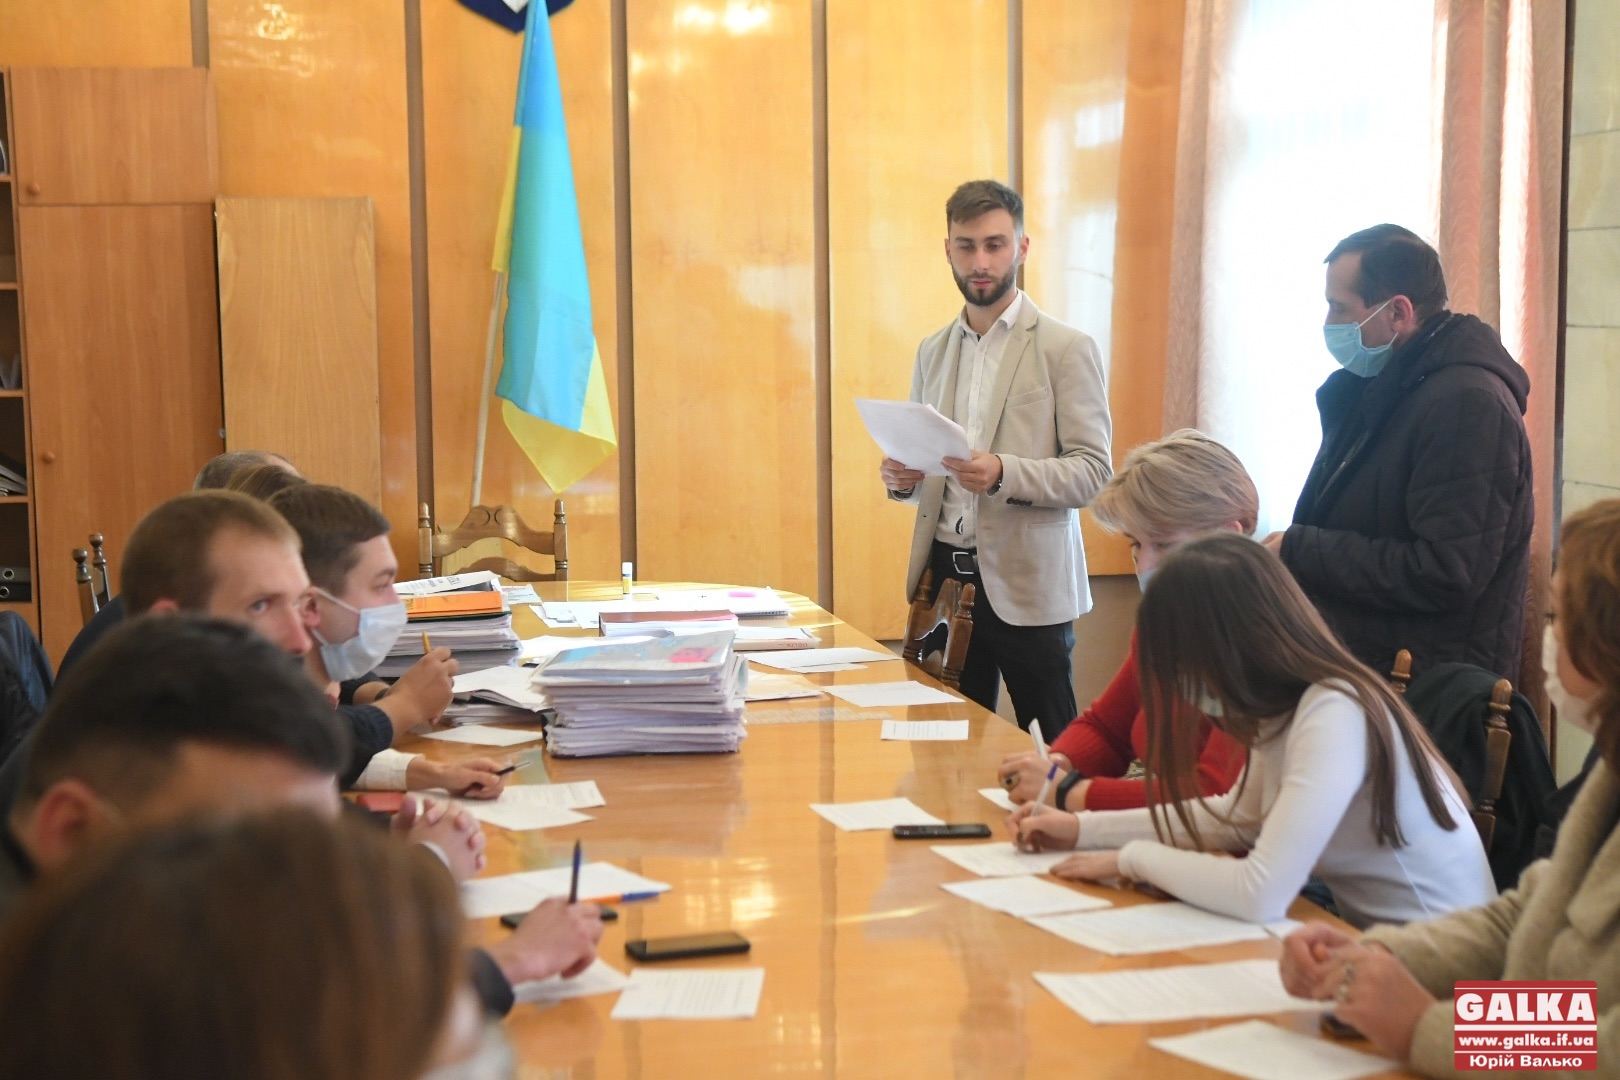 Спати не будуть: члени новоствореної обласної територіальної виборчої комісії вперше зібралися та склали присягу (ФОТО)